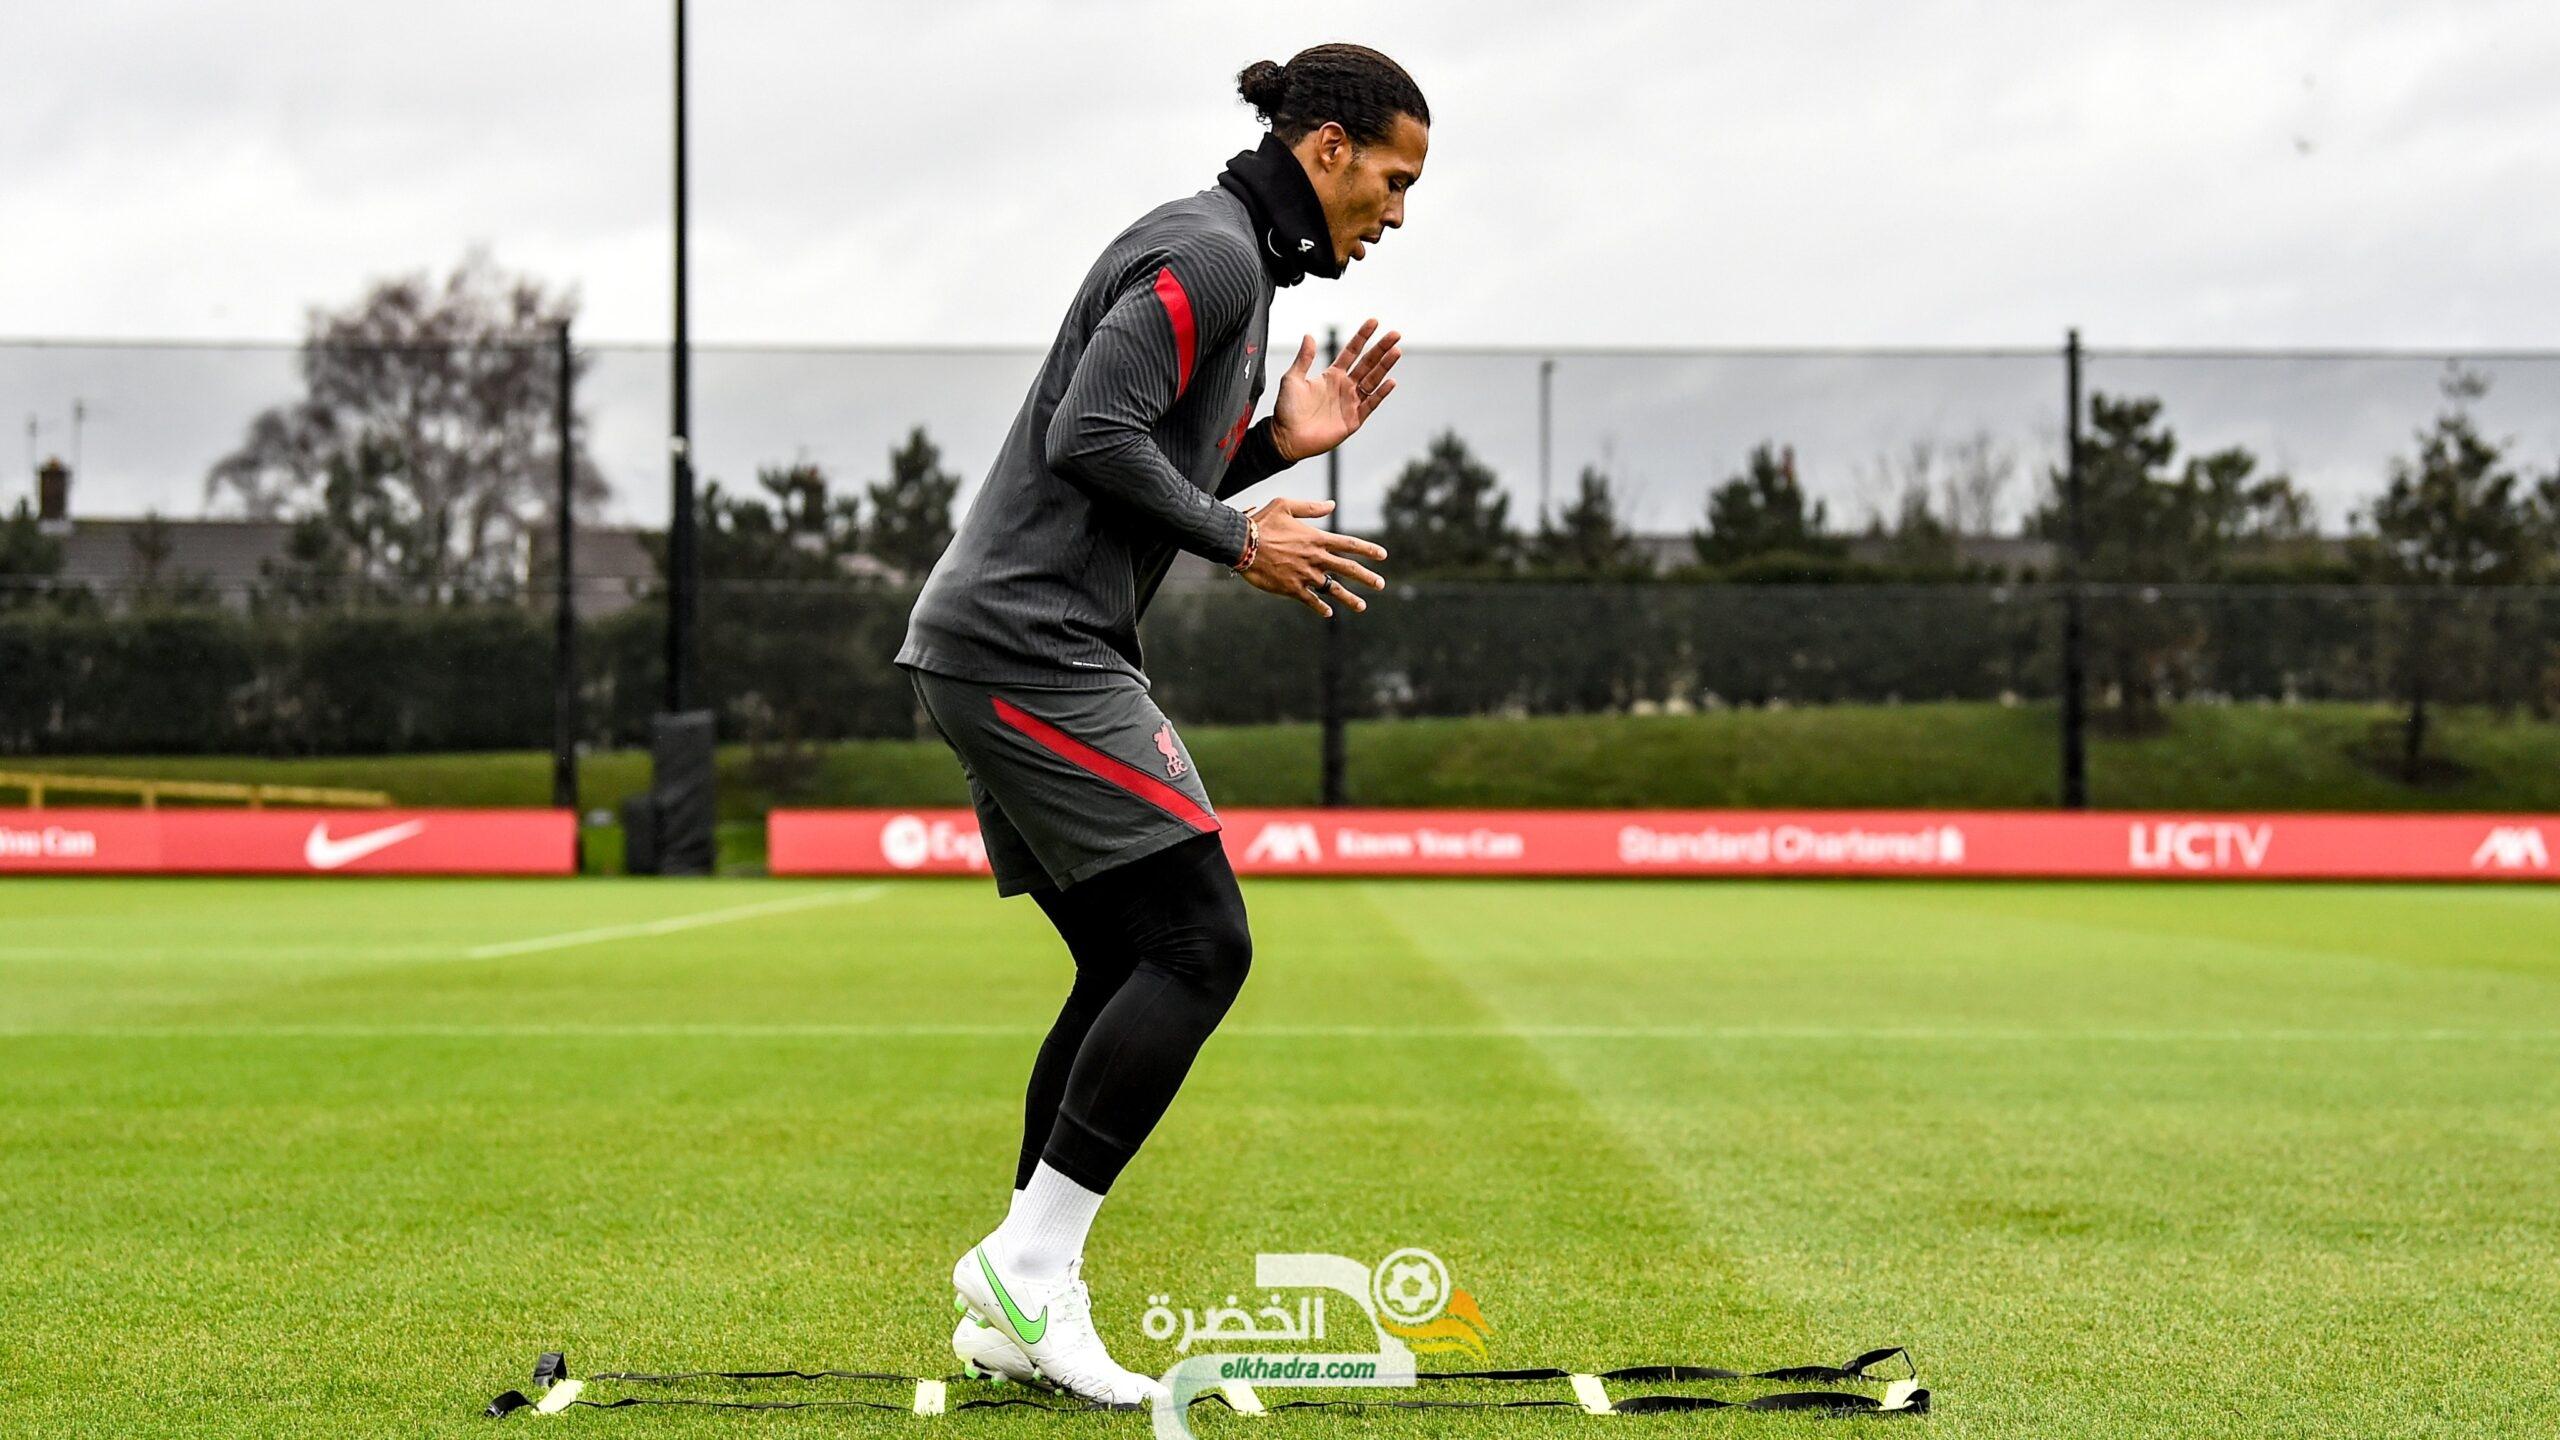 بالصور .. فيرجيل فان دايك يعود لتدريبات نادي ليفربول 27